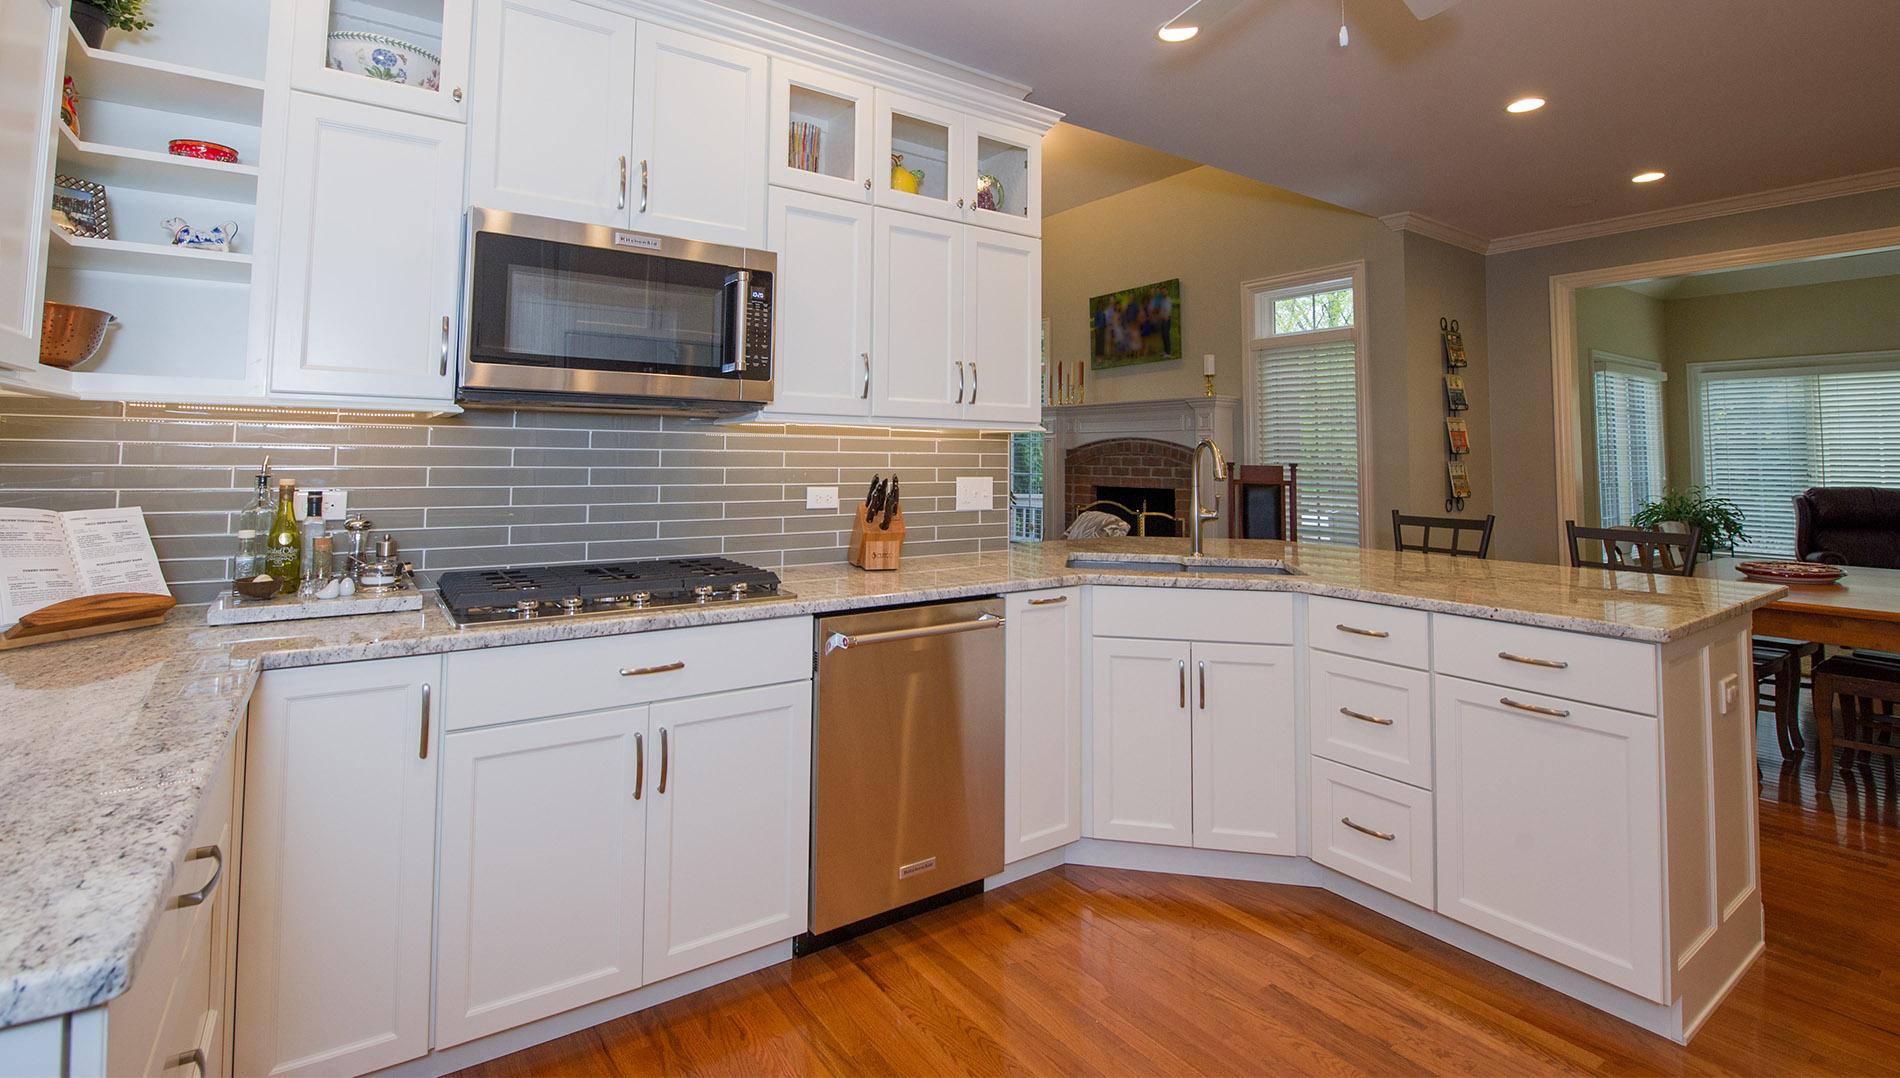 Corner kitchen sinks cape town washing hands in kitchen for Kitchen inc cape town